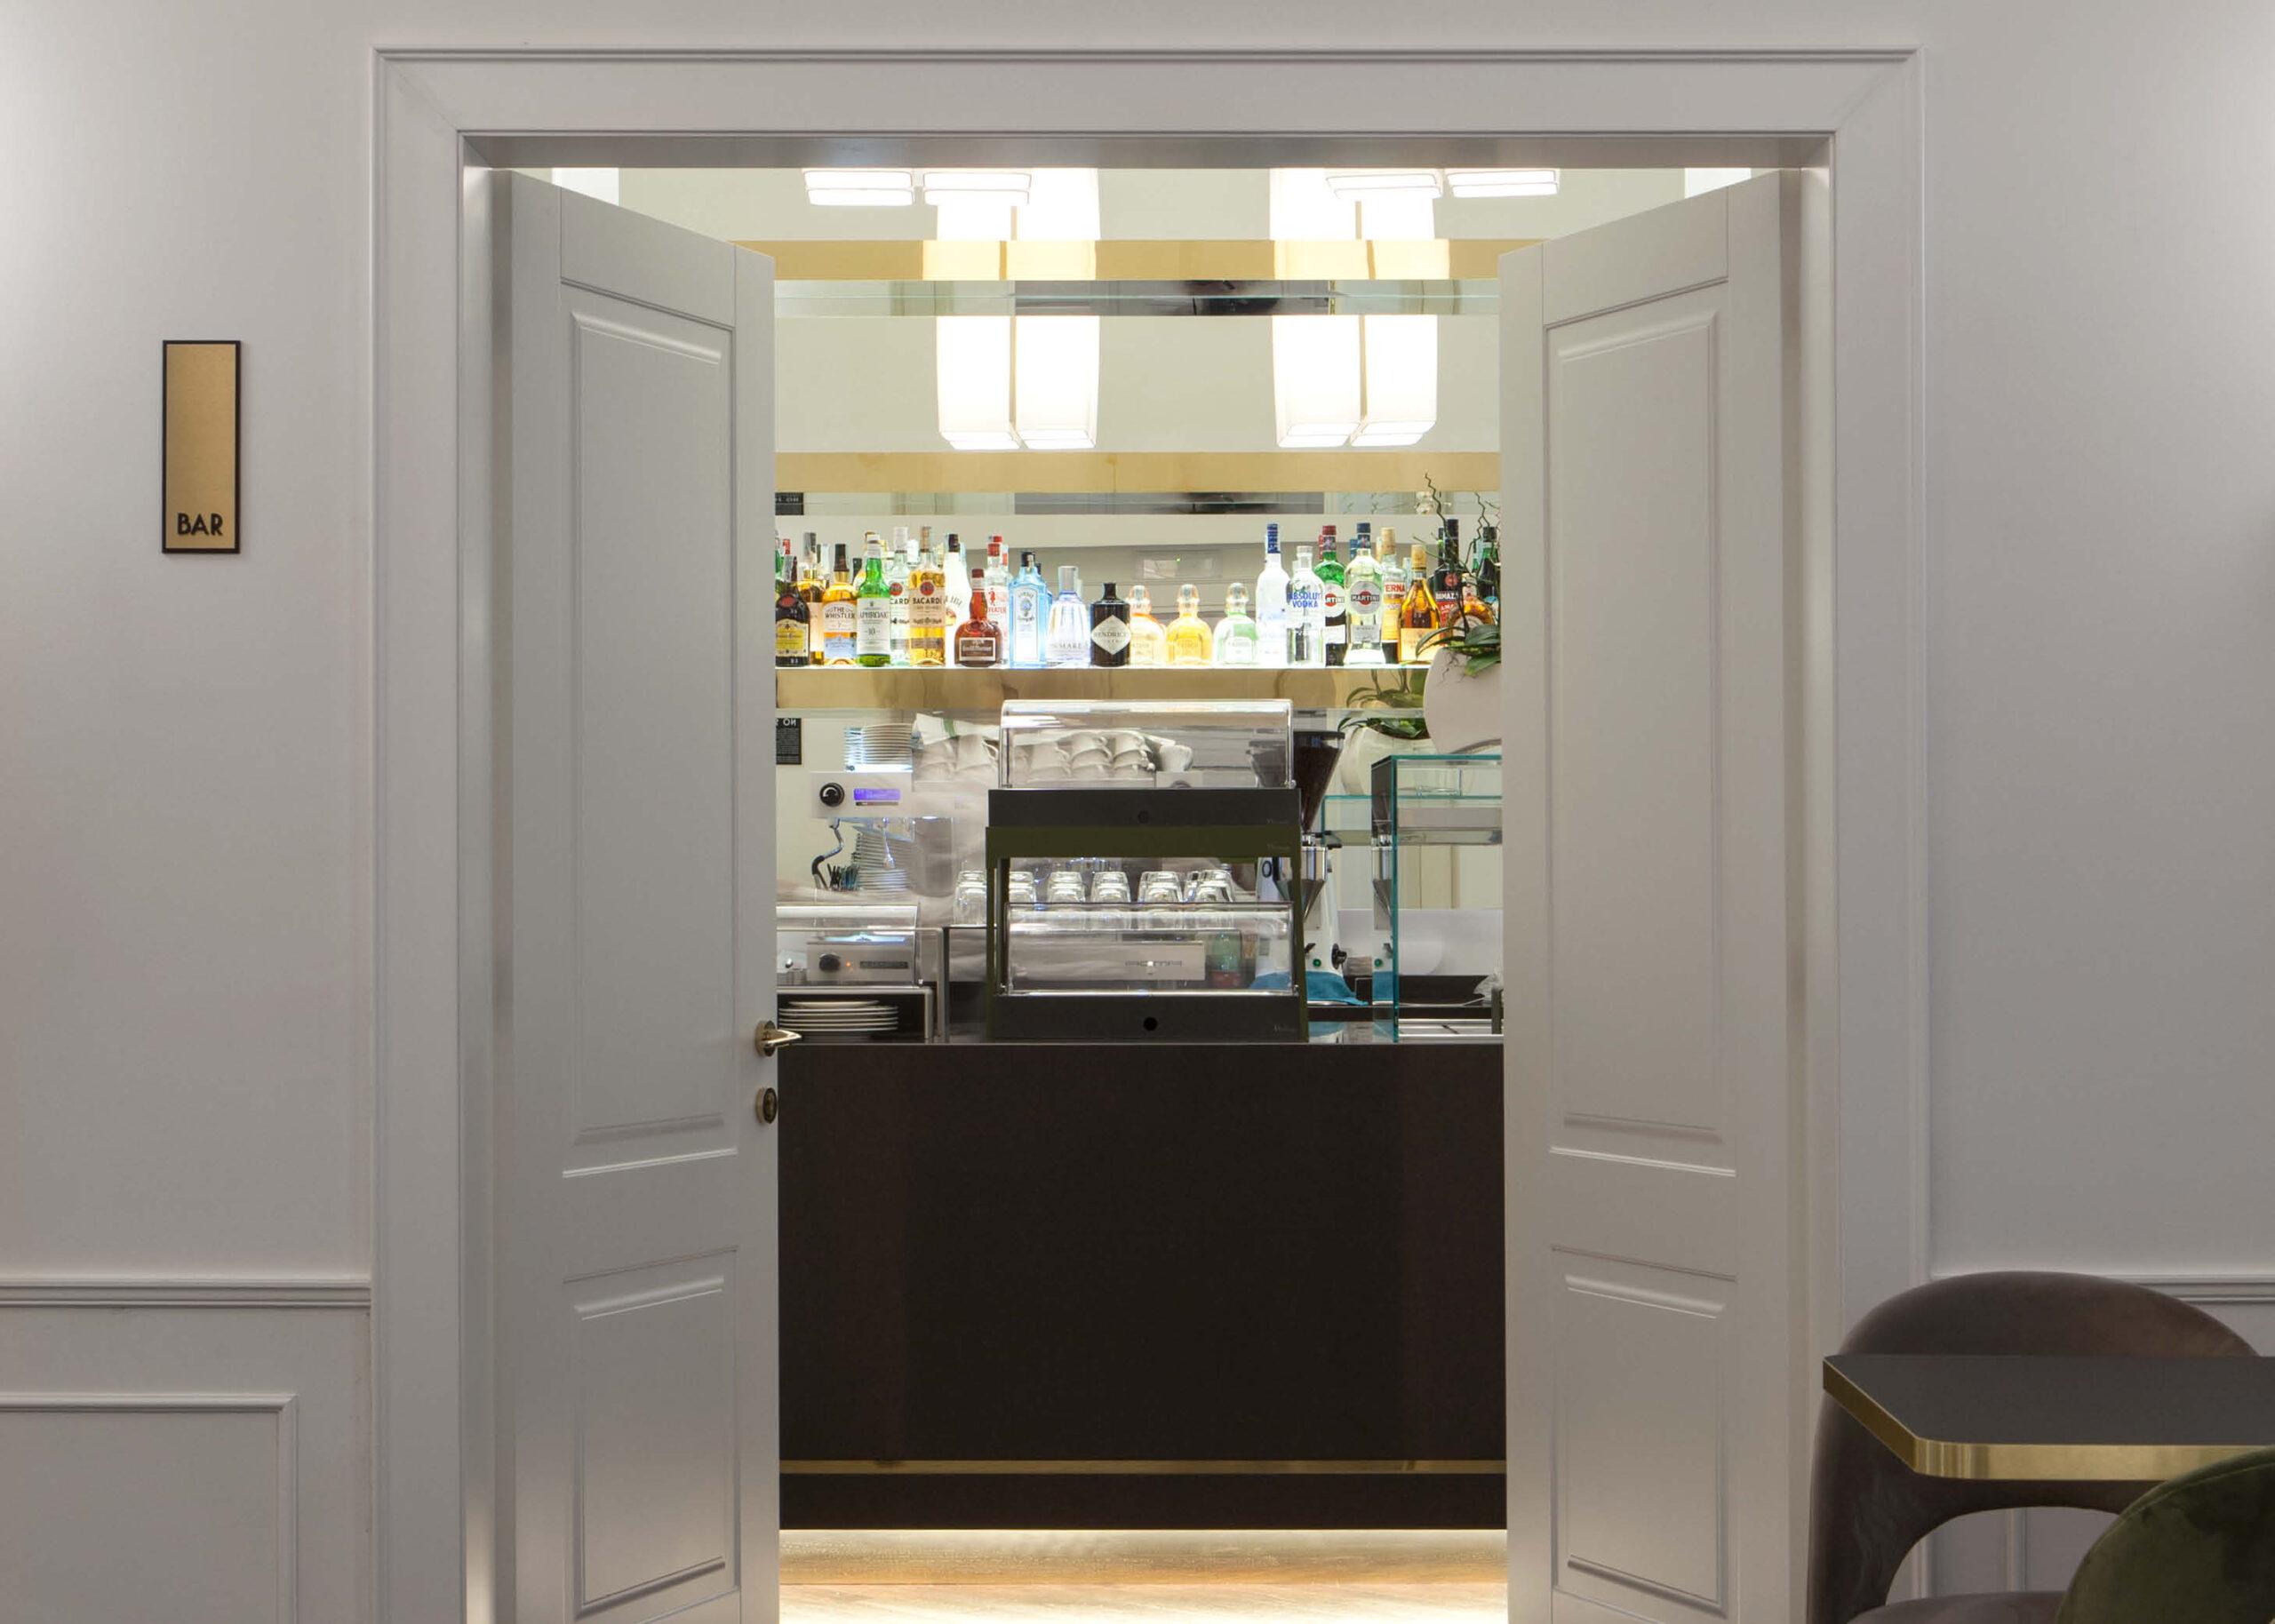 https://www.gd-dorigo.com/wp-content/uploads/2020/10/Porte-Hotel-Villa-Soligo-GD-Dorigo-2-1280x914.jpg